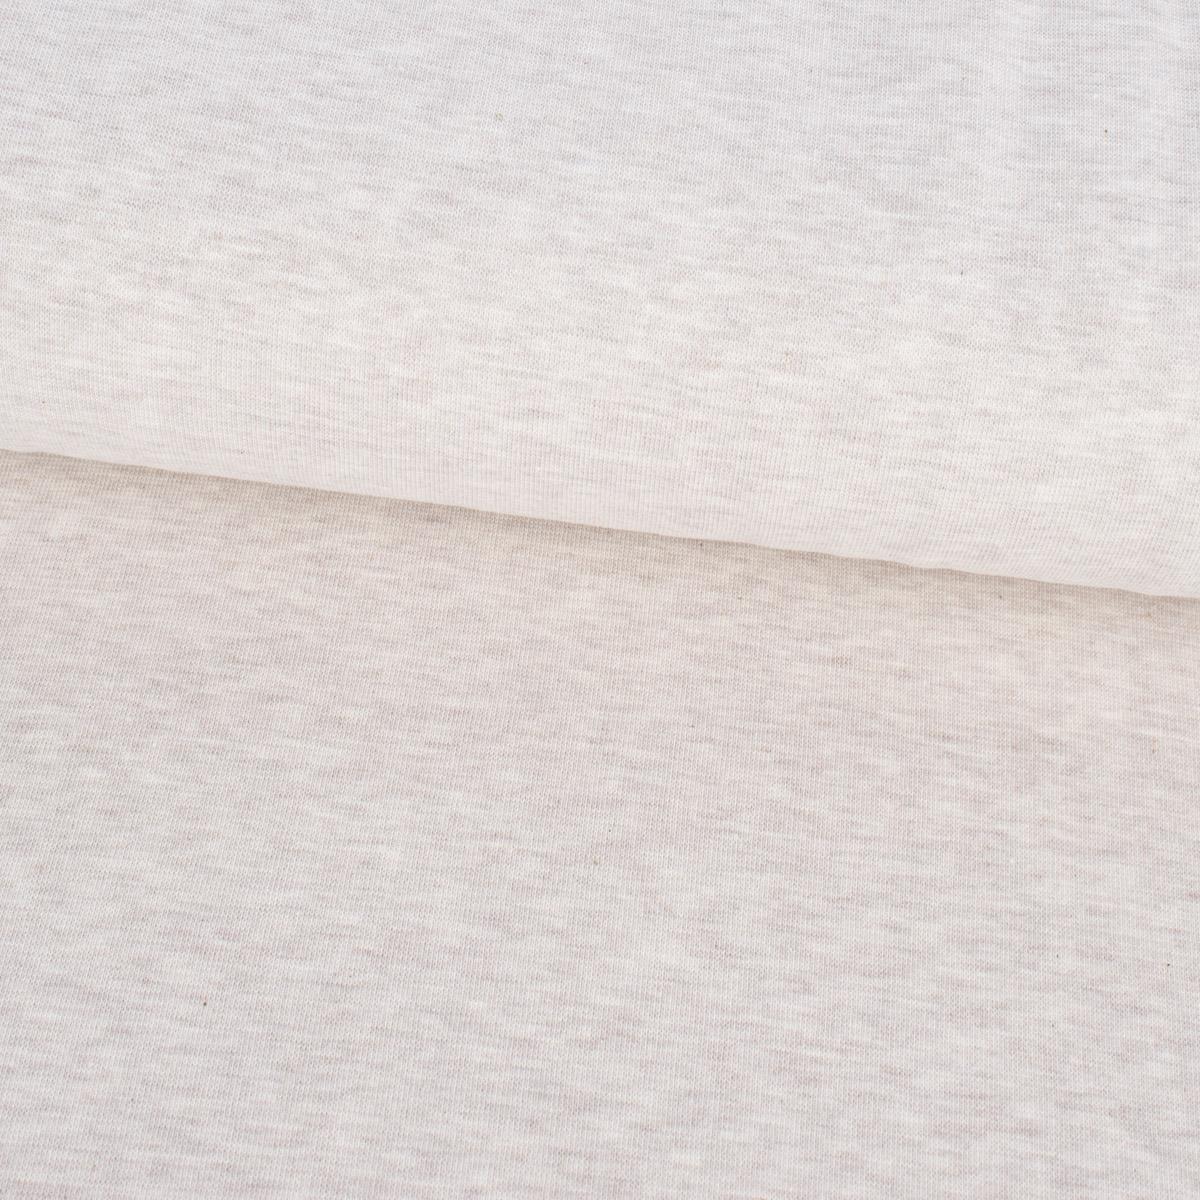 Kreativstoff Strickschlauch Bündchenstoff fein beige meliert 37cm Breite